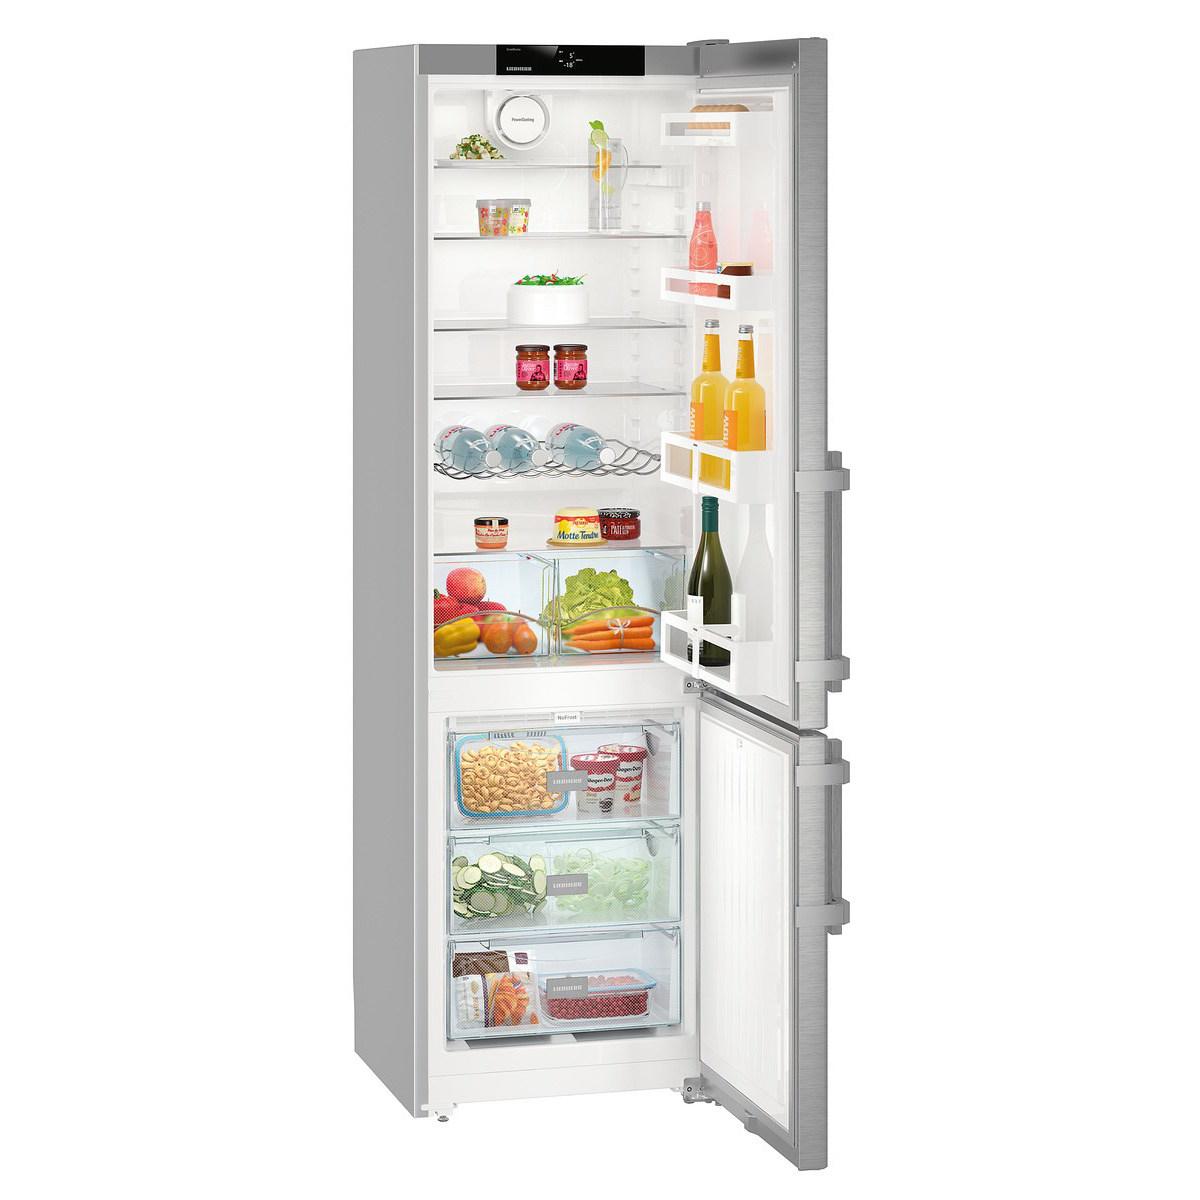 liebherr-cnef-4015-comfort-fridge-freezer-smartsteel